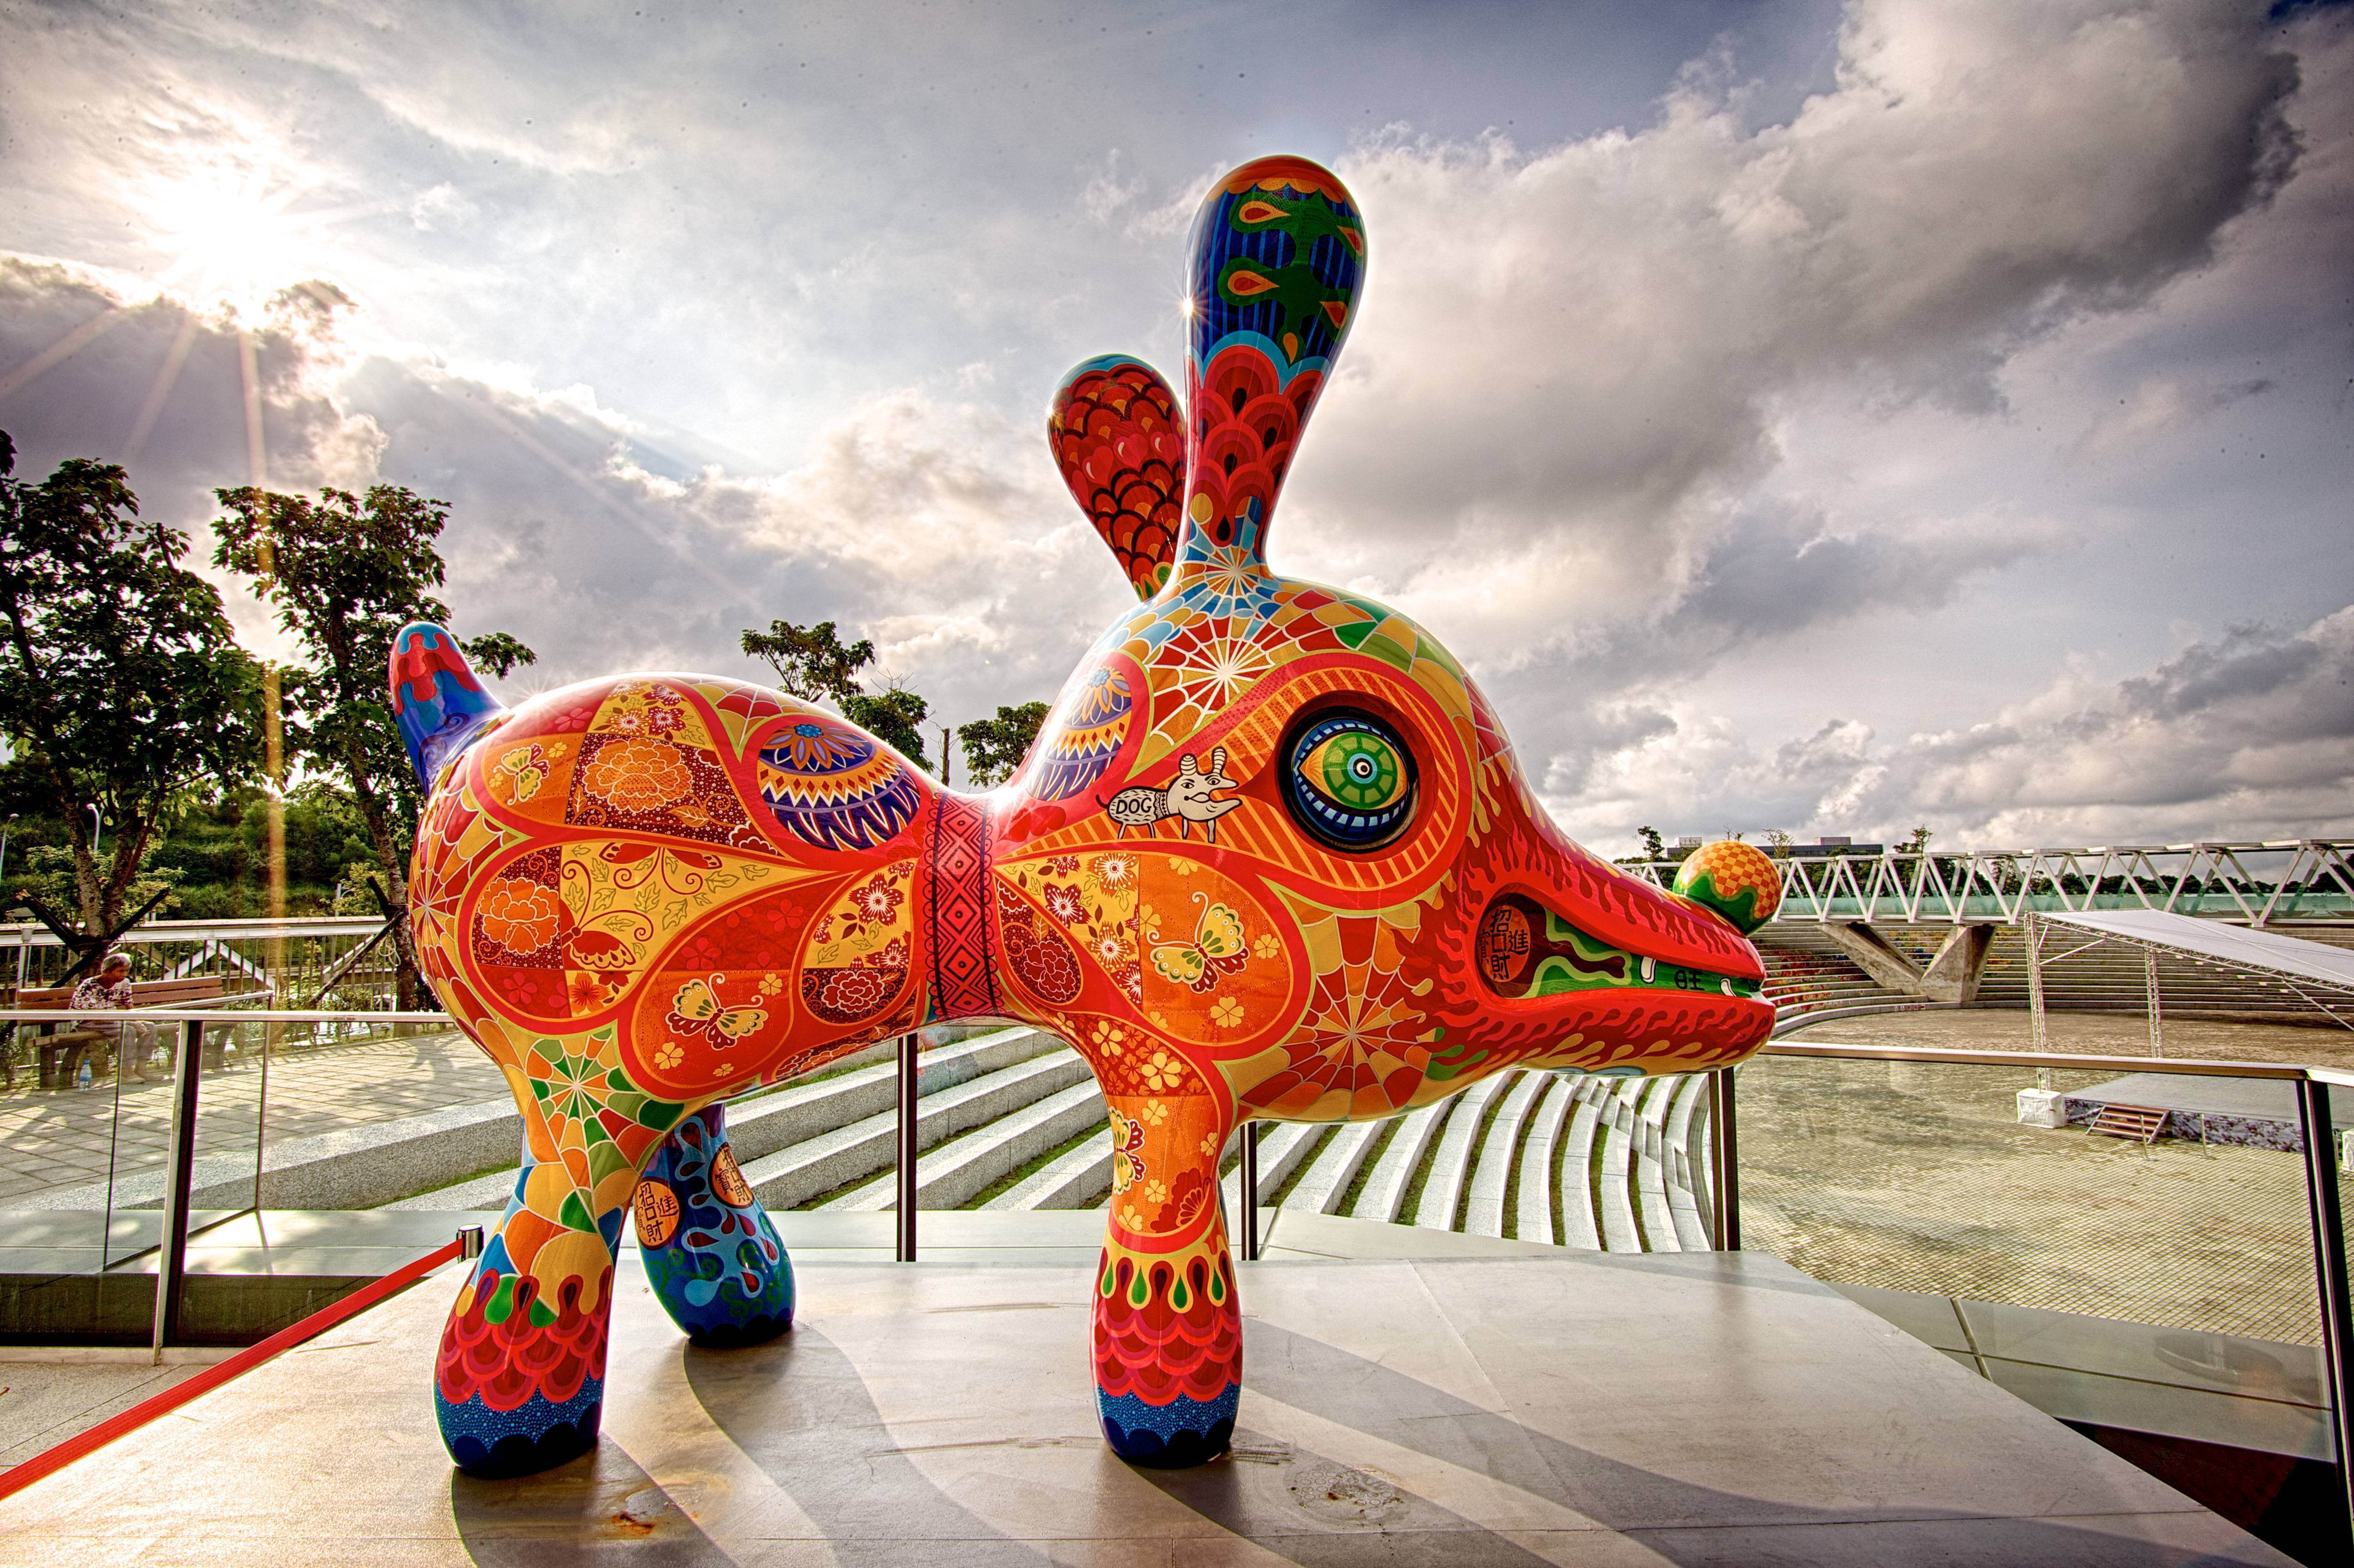 大旺狗| 2013|鋼板彩繪|108x236x296 cm|活潑熱情的「旺狗」對於現代人來說,如同摯友般同甘共苦,無私分享,真誠相待。